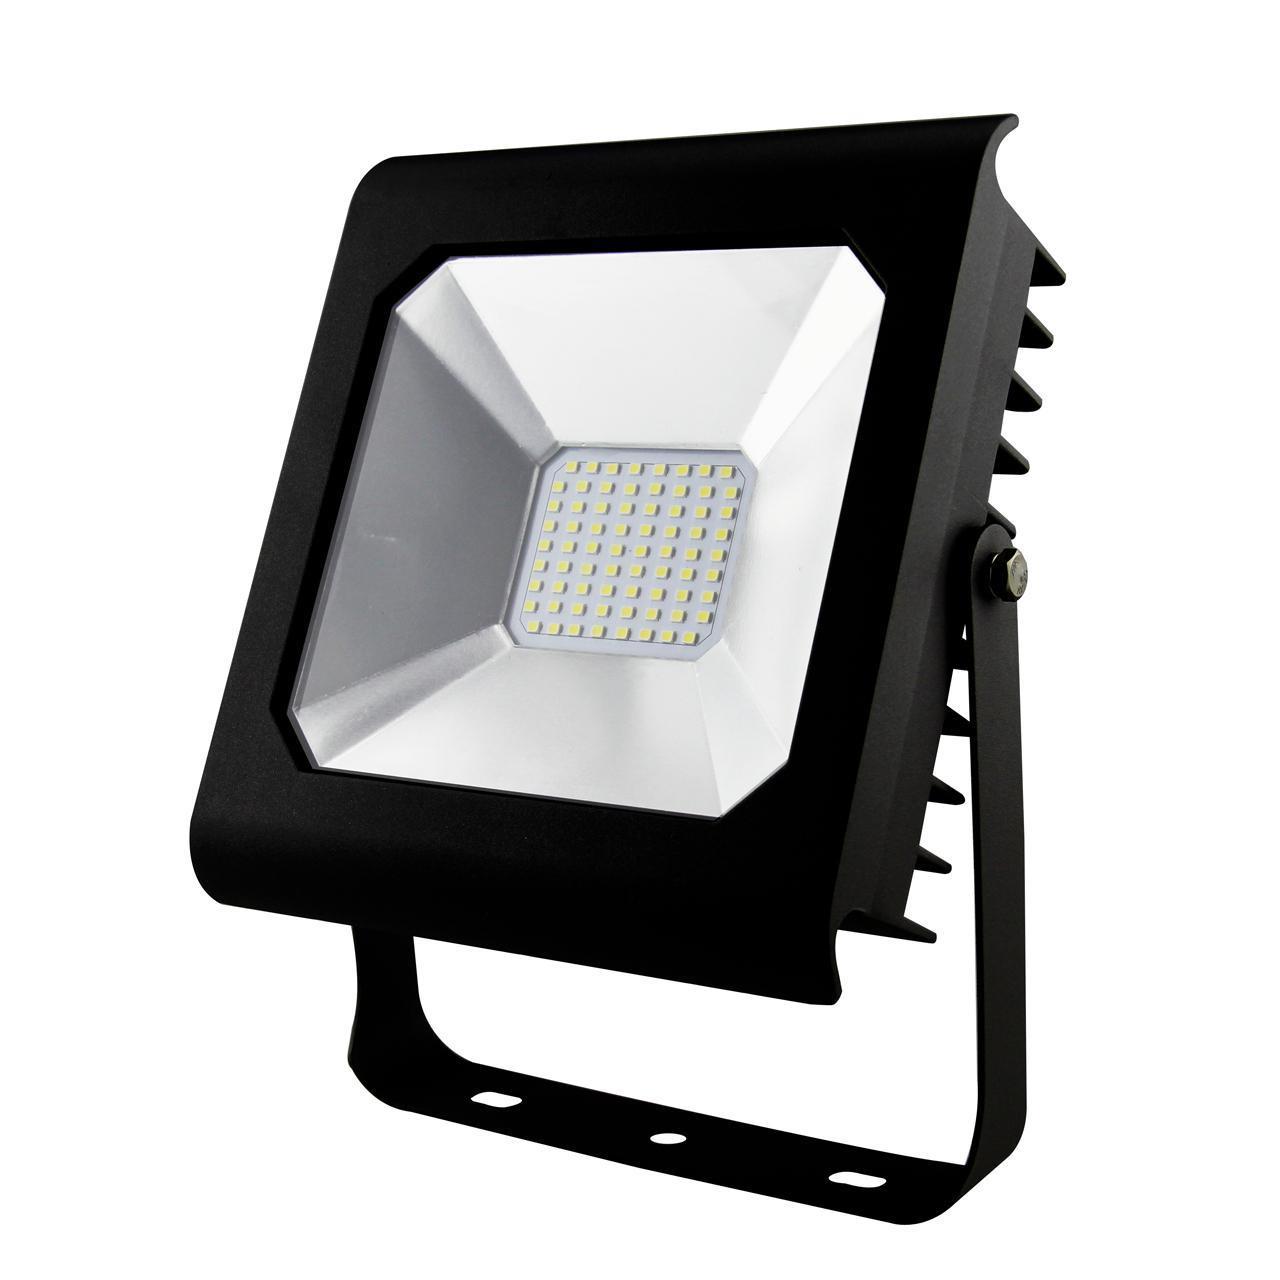 Прожектор Эра LPR-50-4000K-M SMD PRO, 50 Вт прожектор эра 30 вт